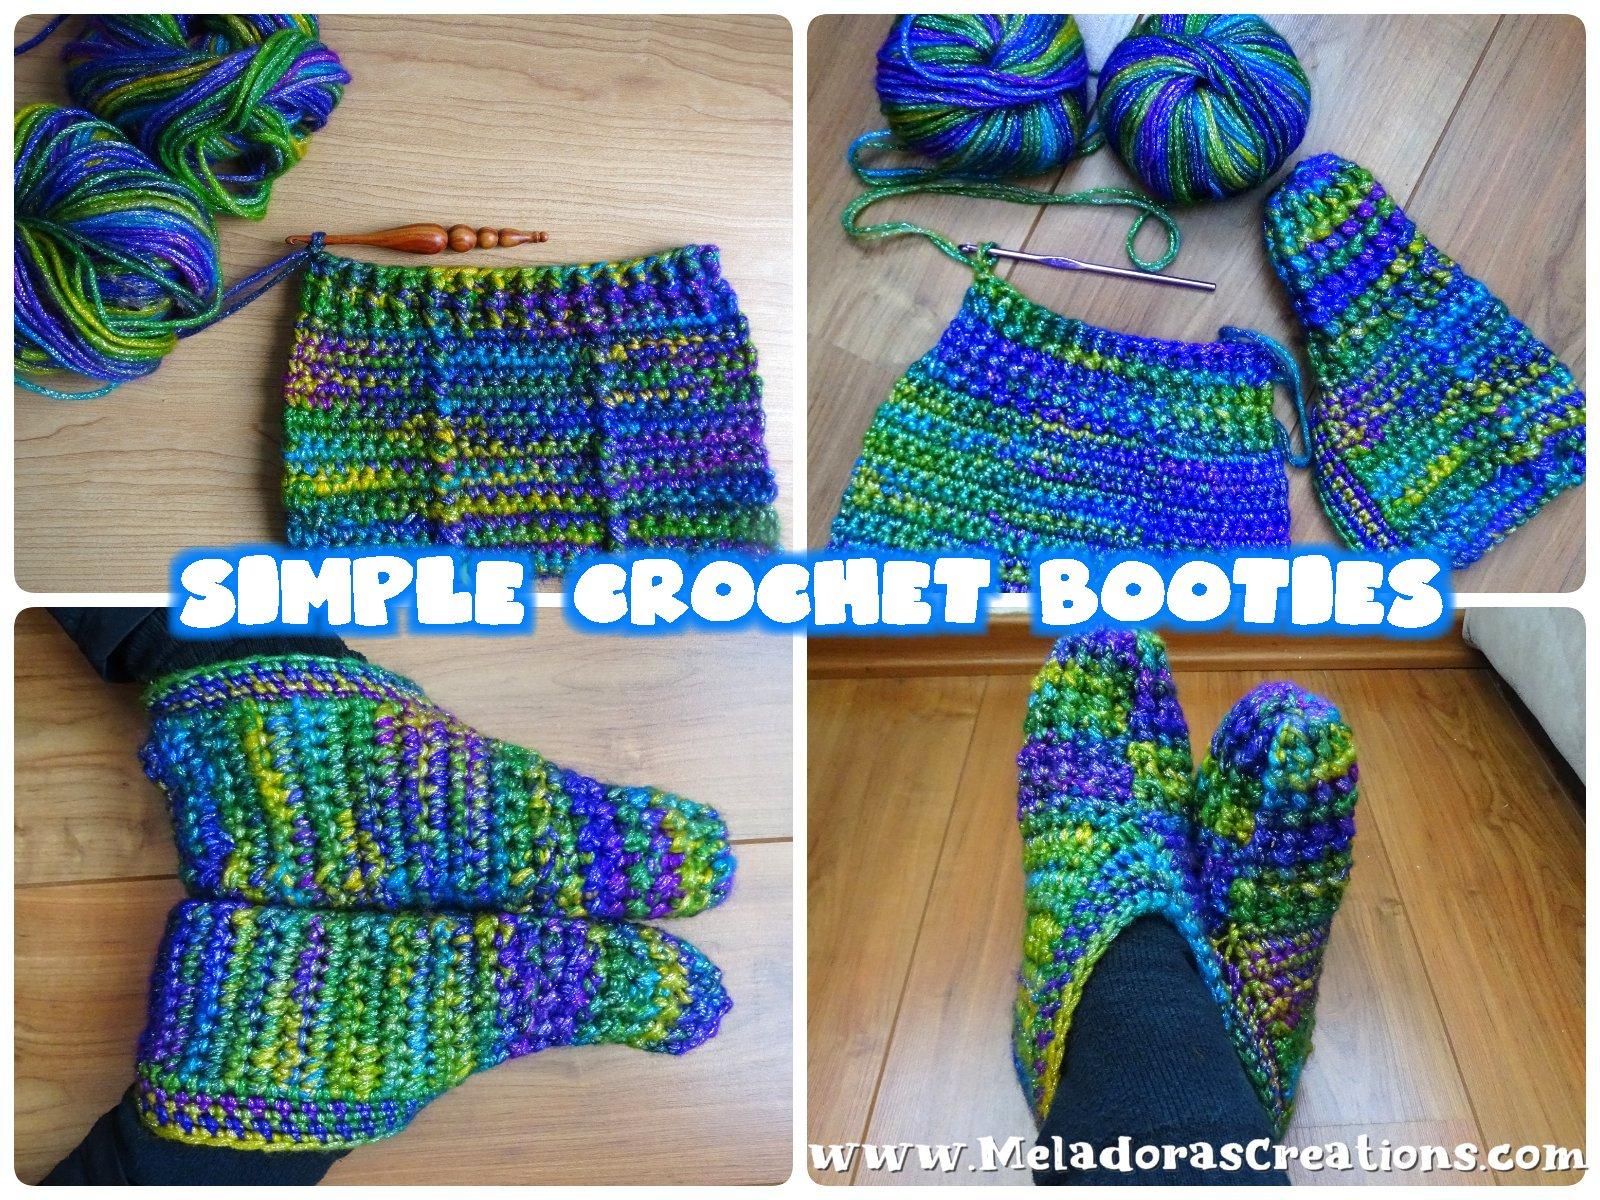 Simple Crochet Booties - Free Crochet Pattern